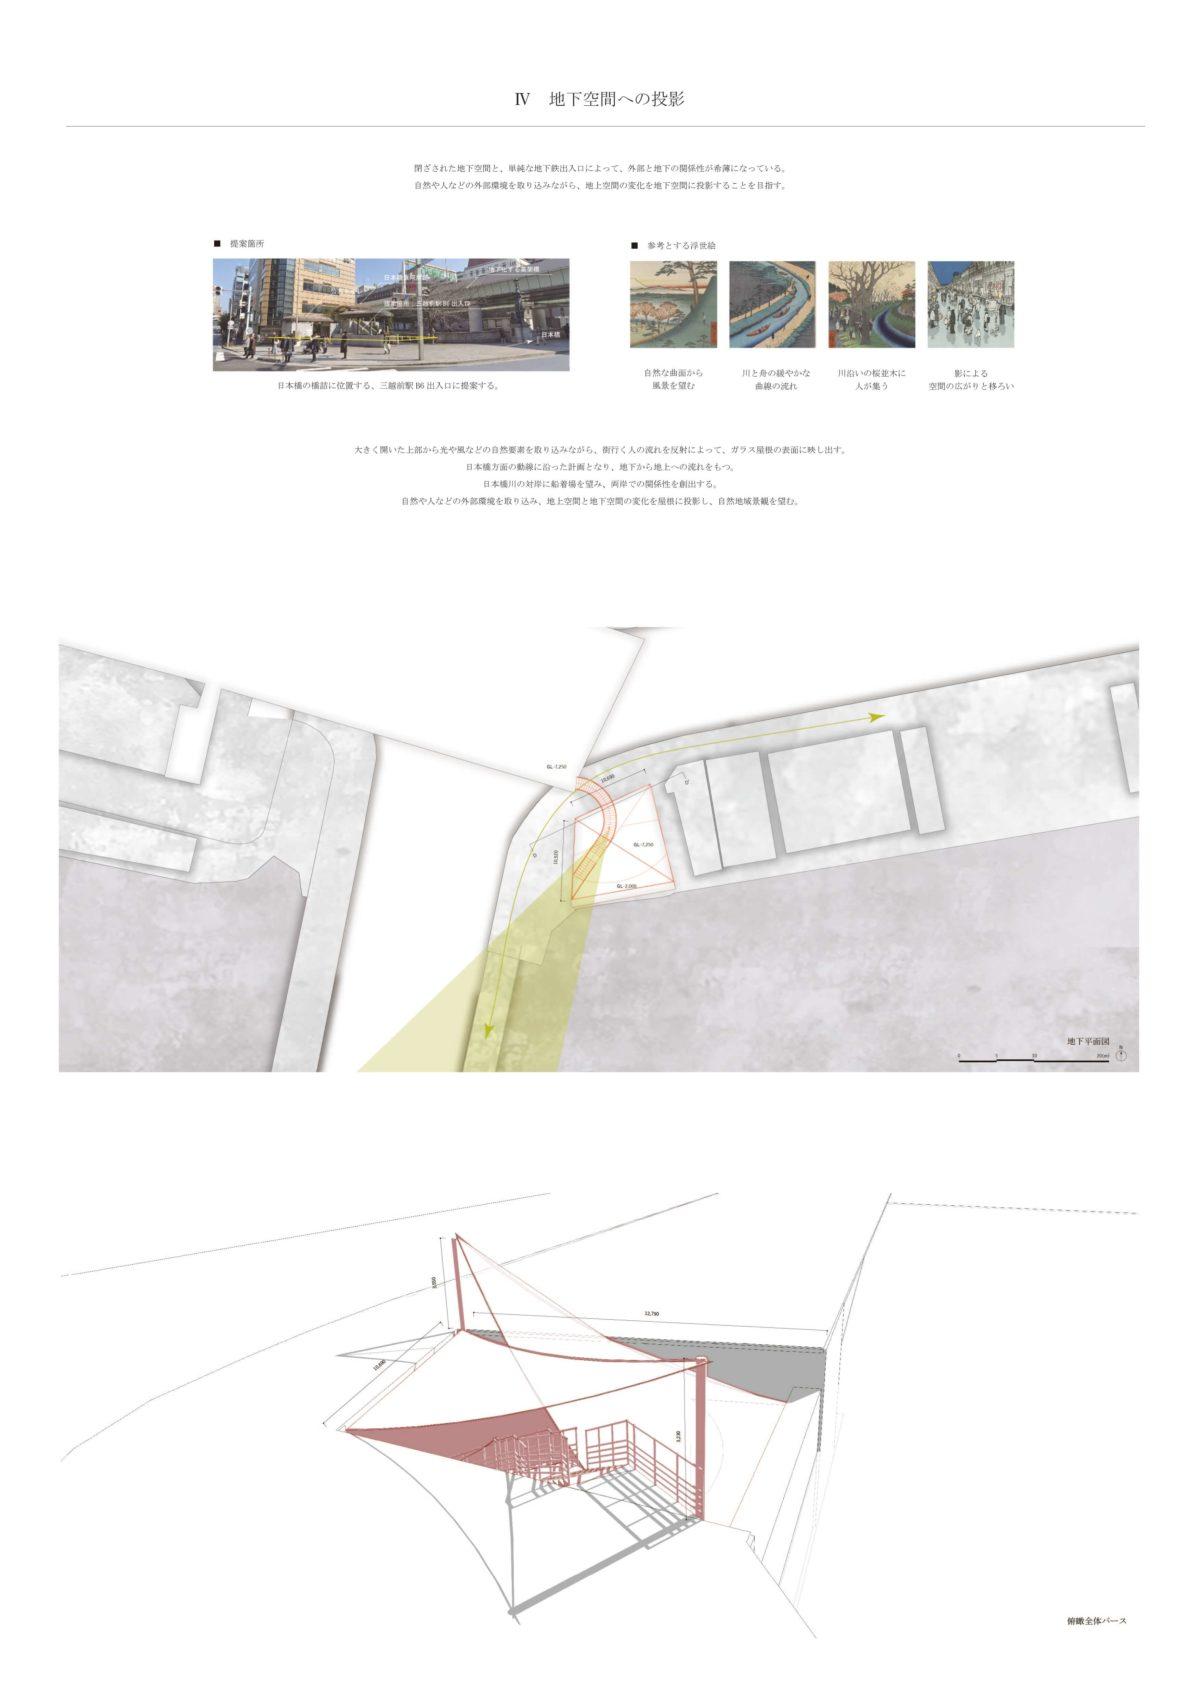 風景を想起する第五世代美術館建築 -歌川広重による名所江戸百景の分析を通して--13